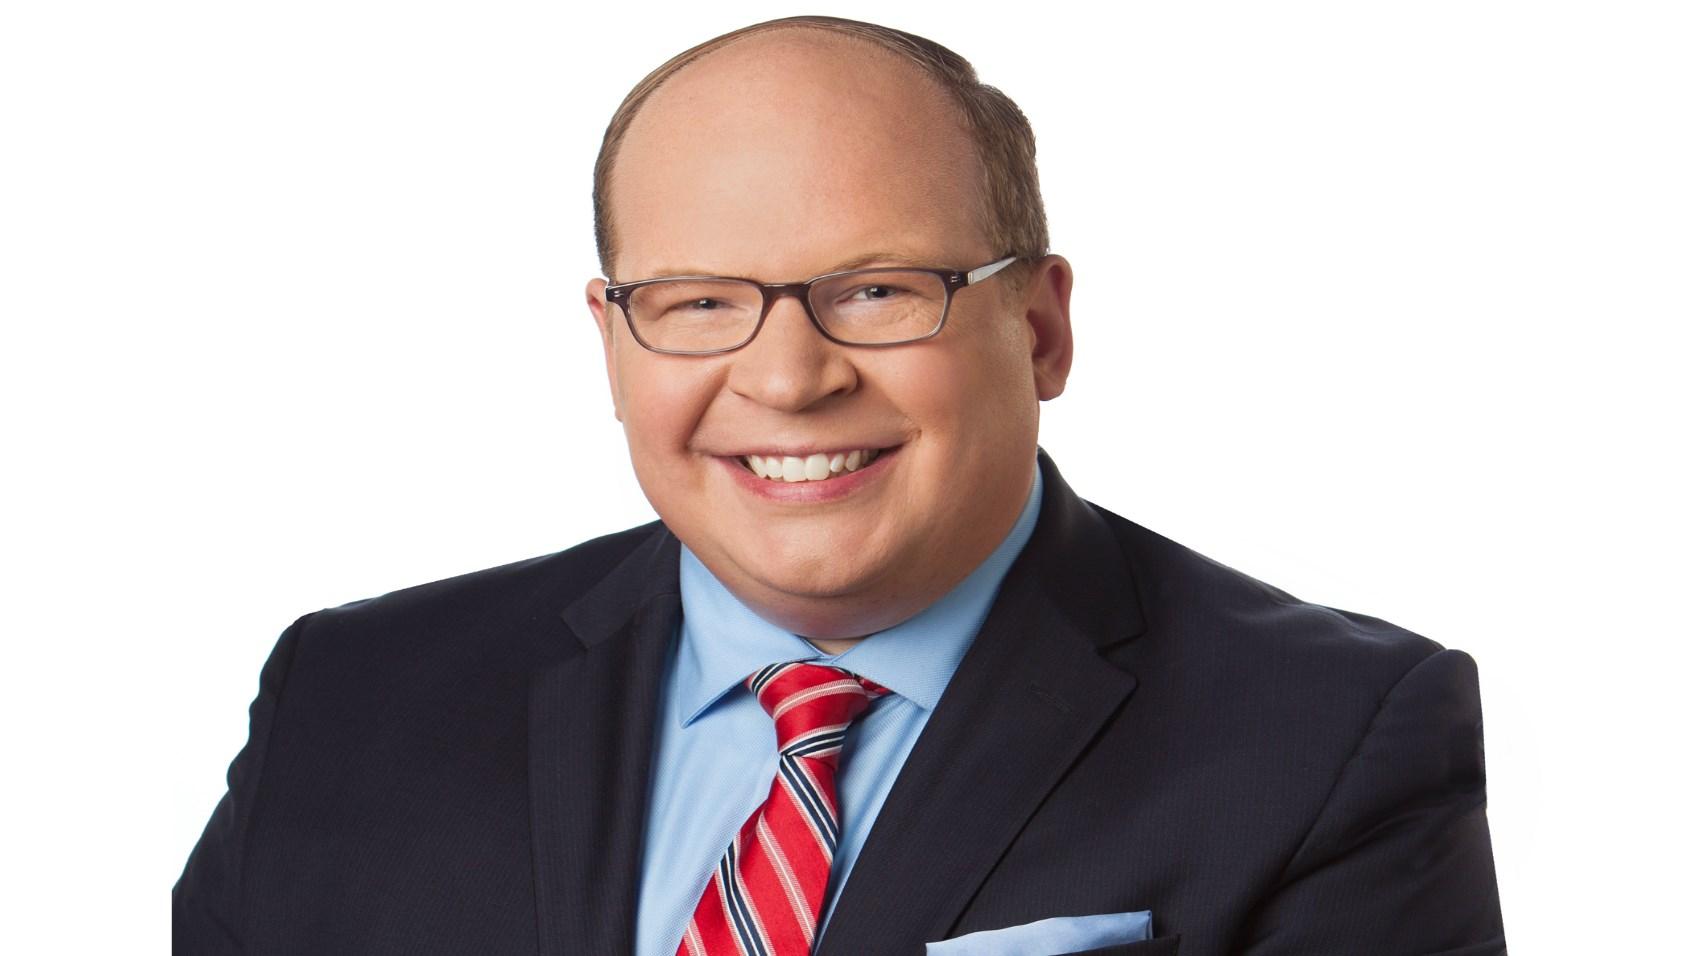 Kevin Jacobsen